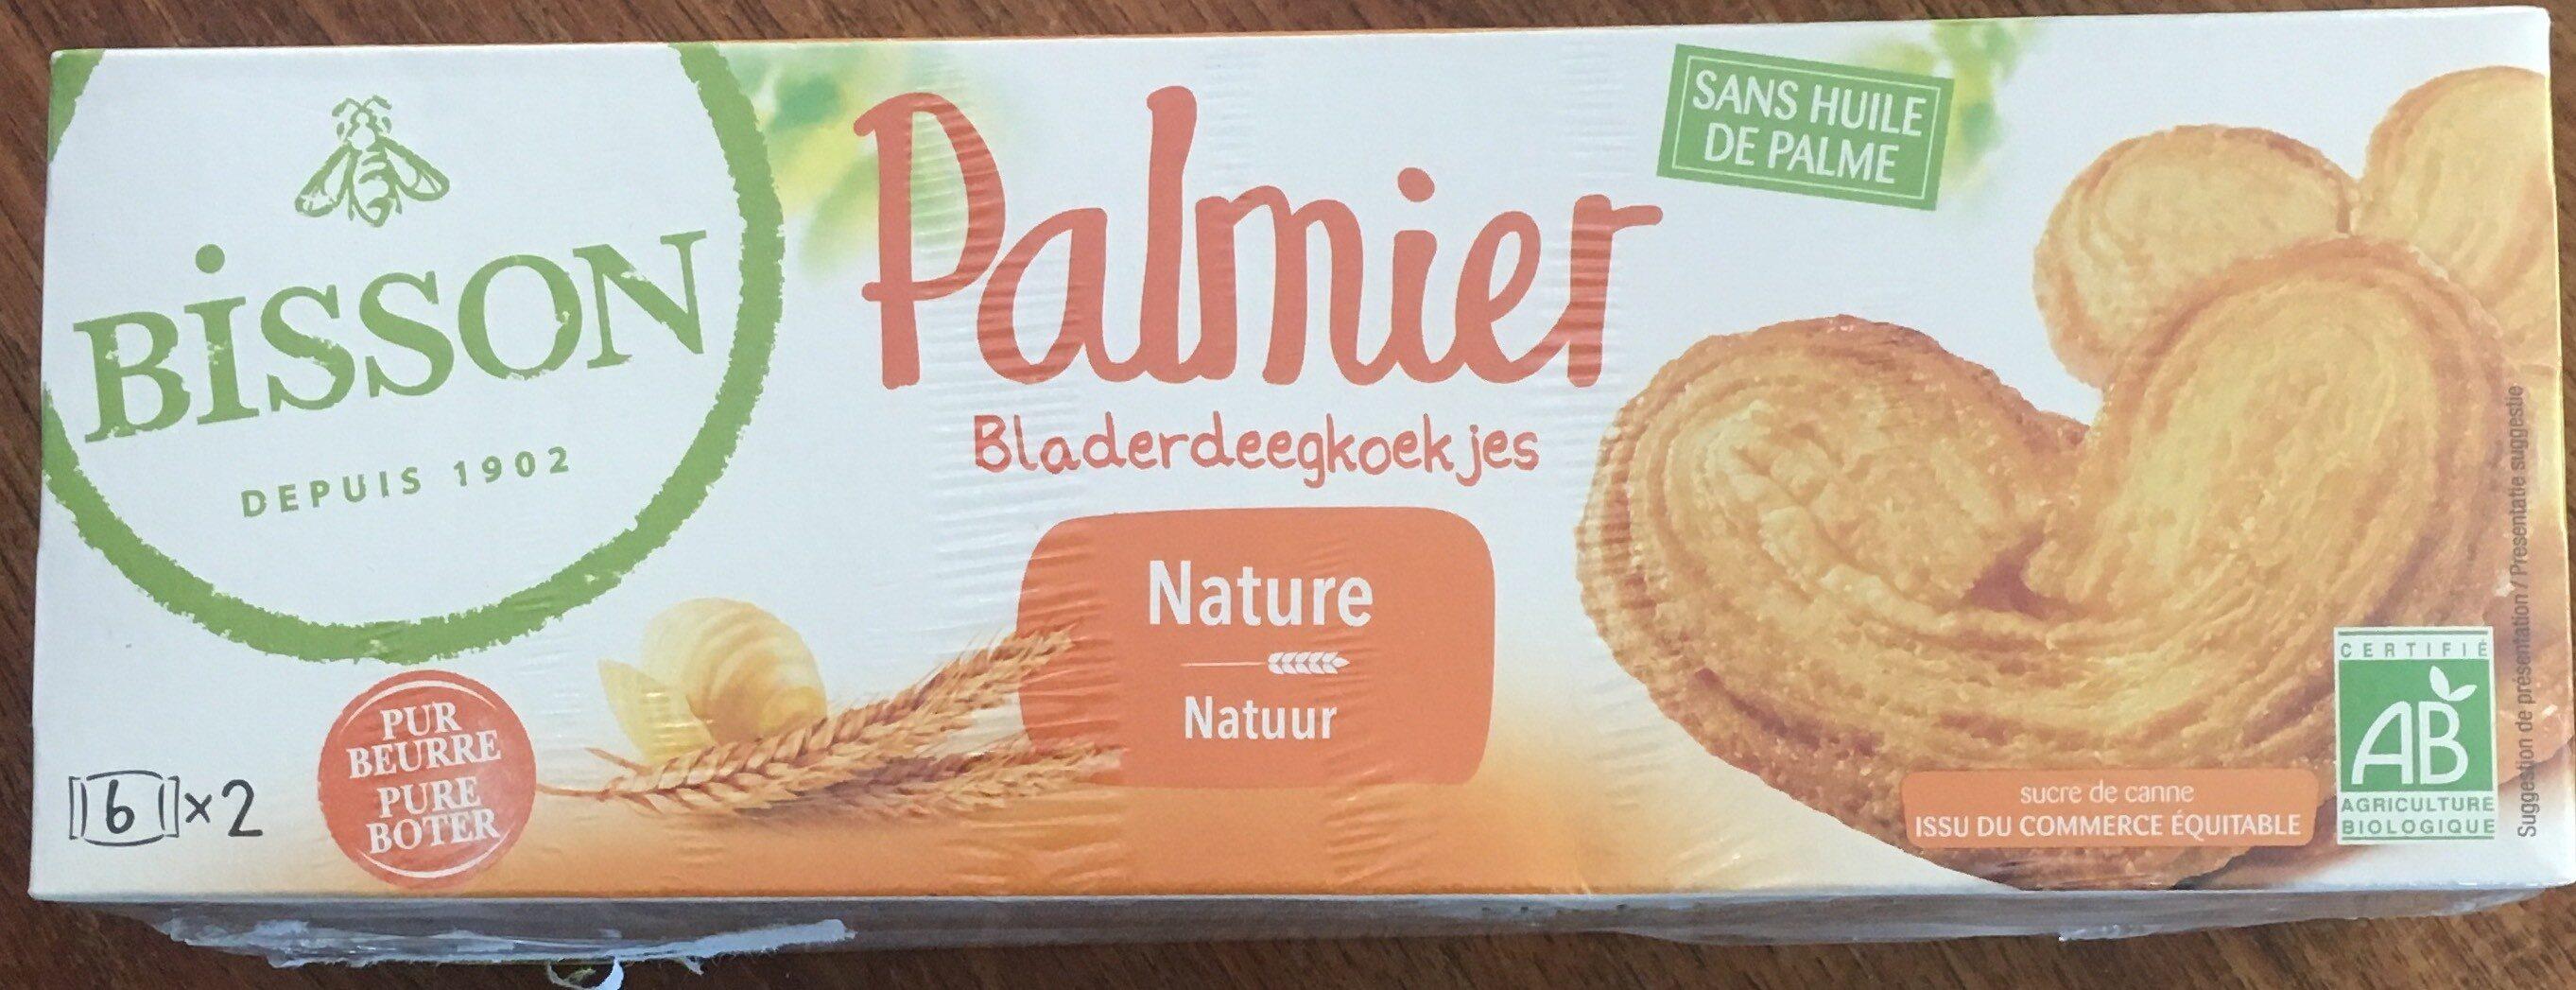 Palmier Pur beurre Nature - Product